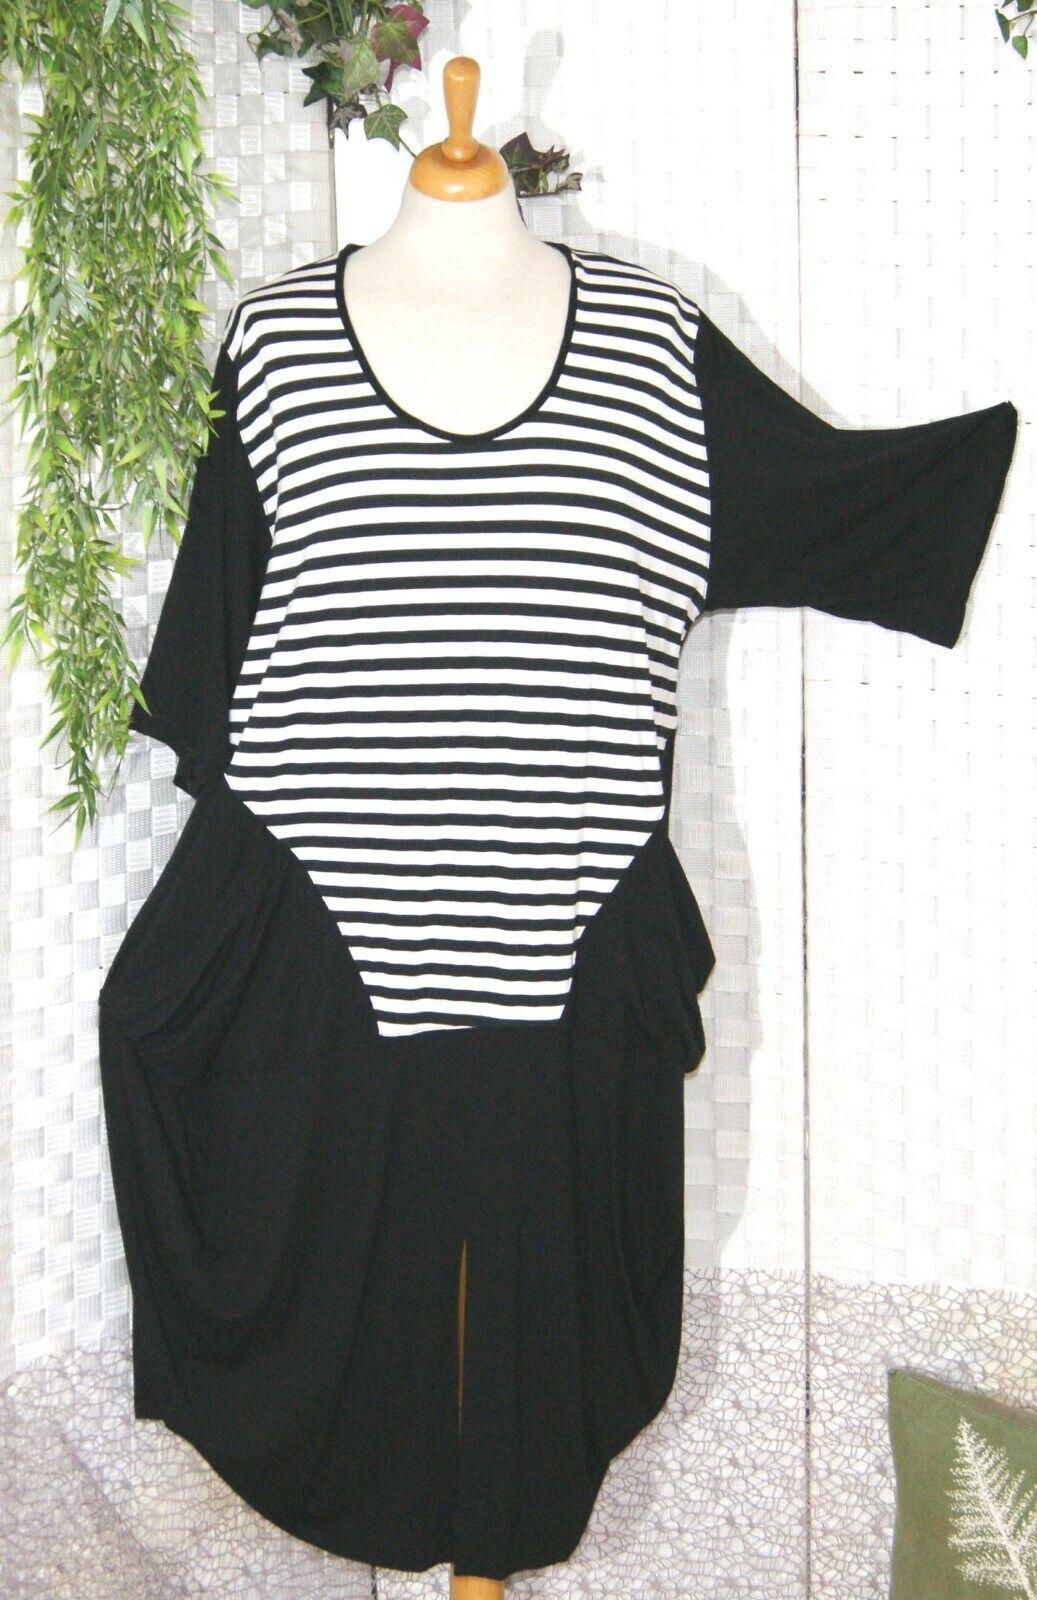 ENTREE Berlin Shirt Kleid schwarz weiß STREIFEN Ballon 44 46 48 Stretch E.N.T